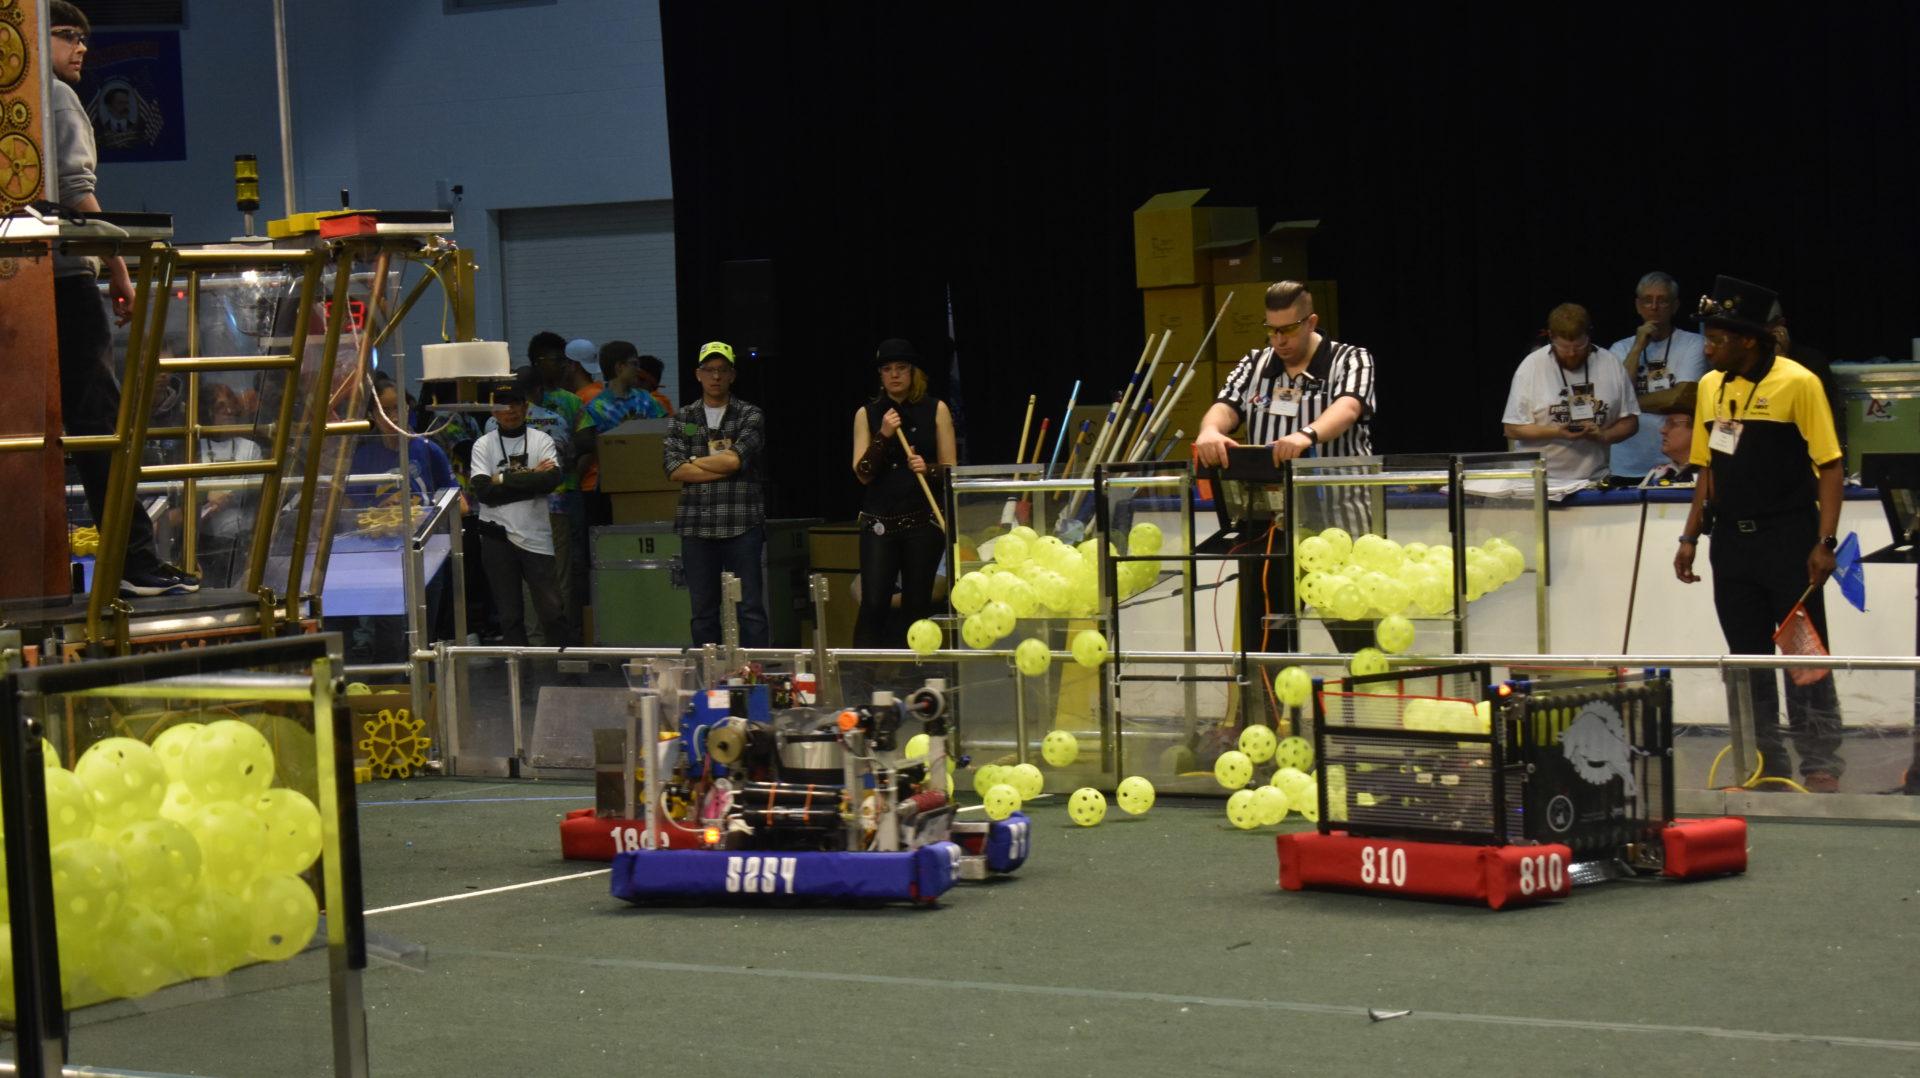 Smithtown Robotics